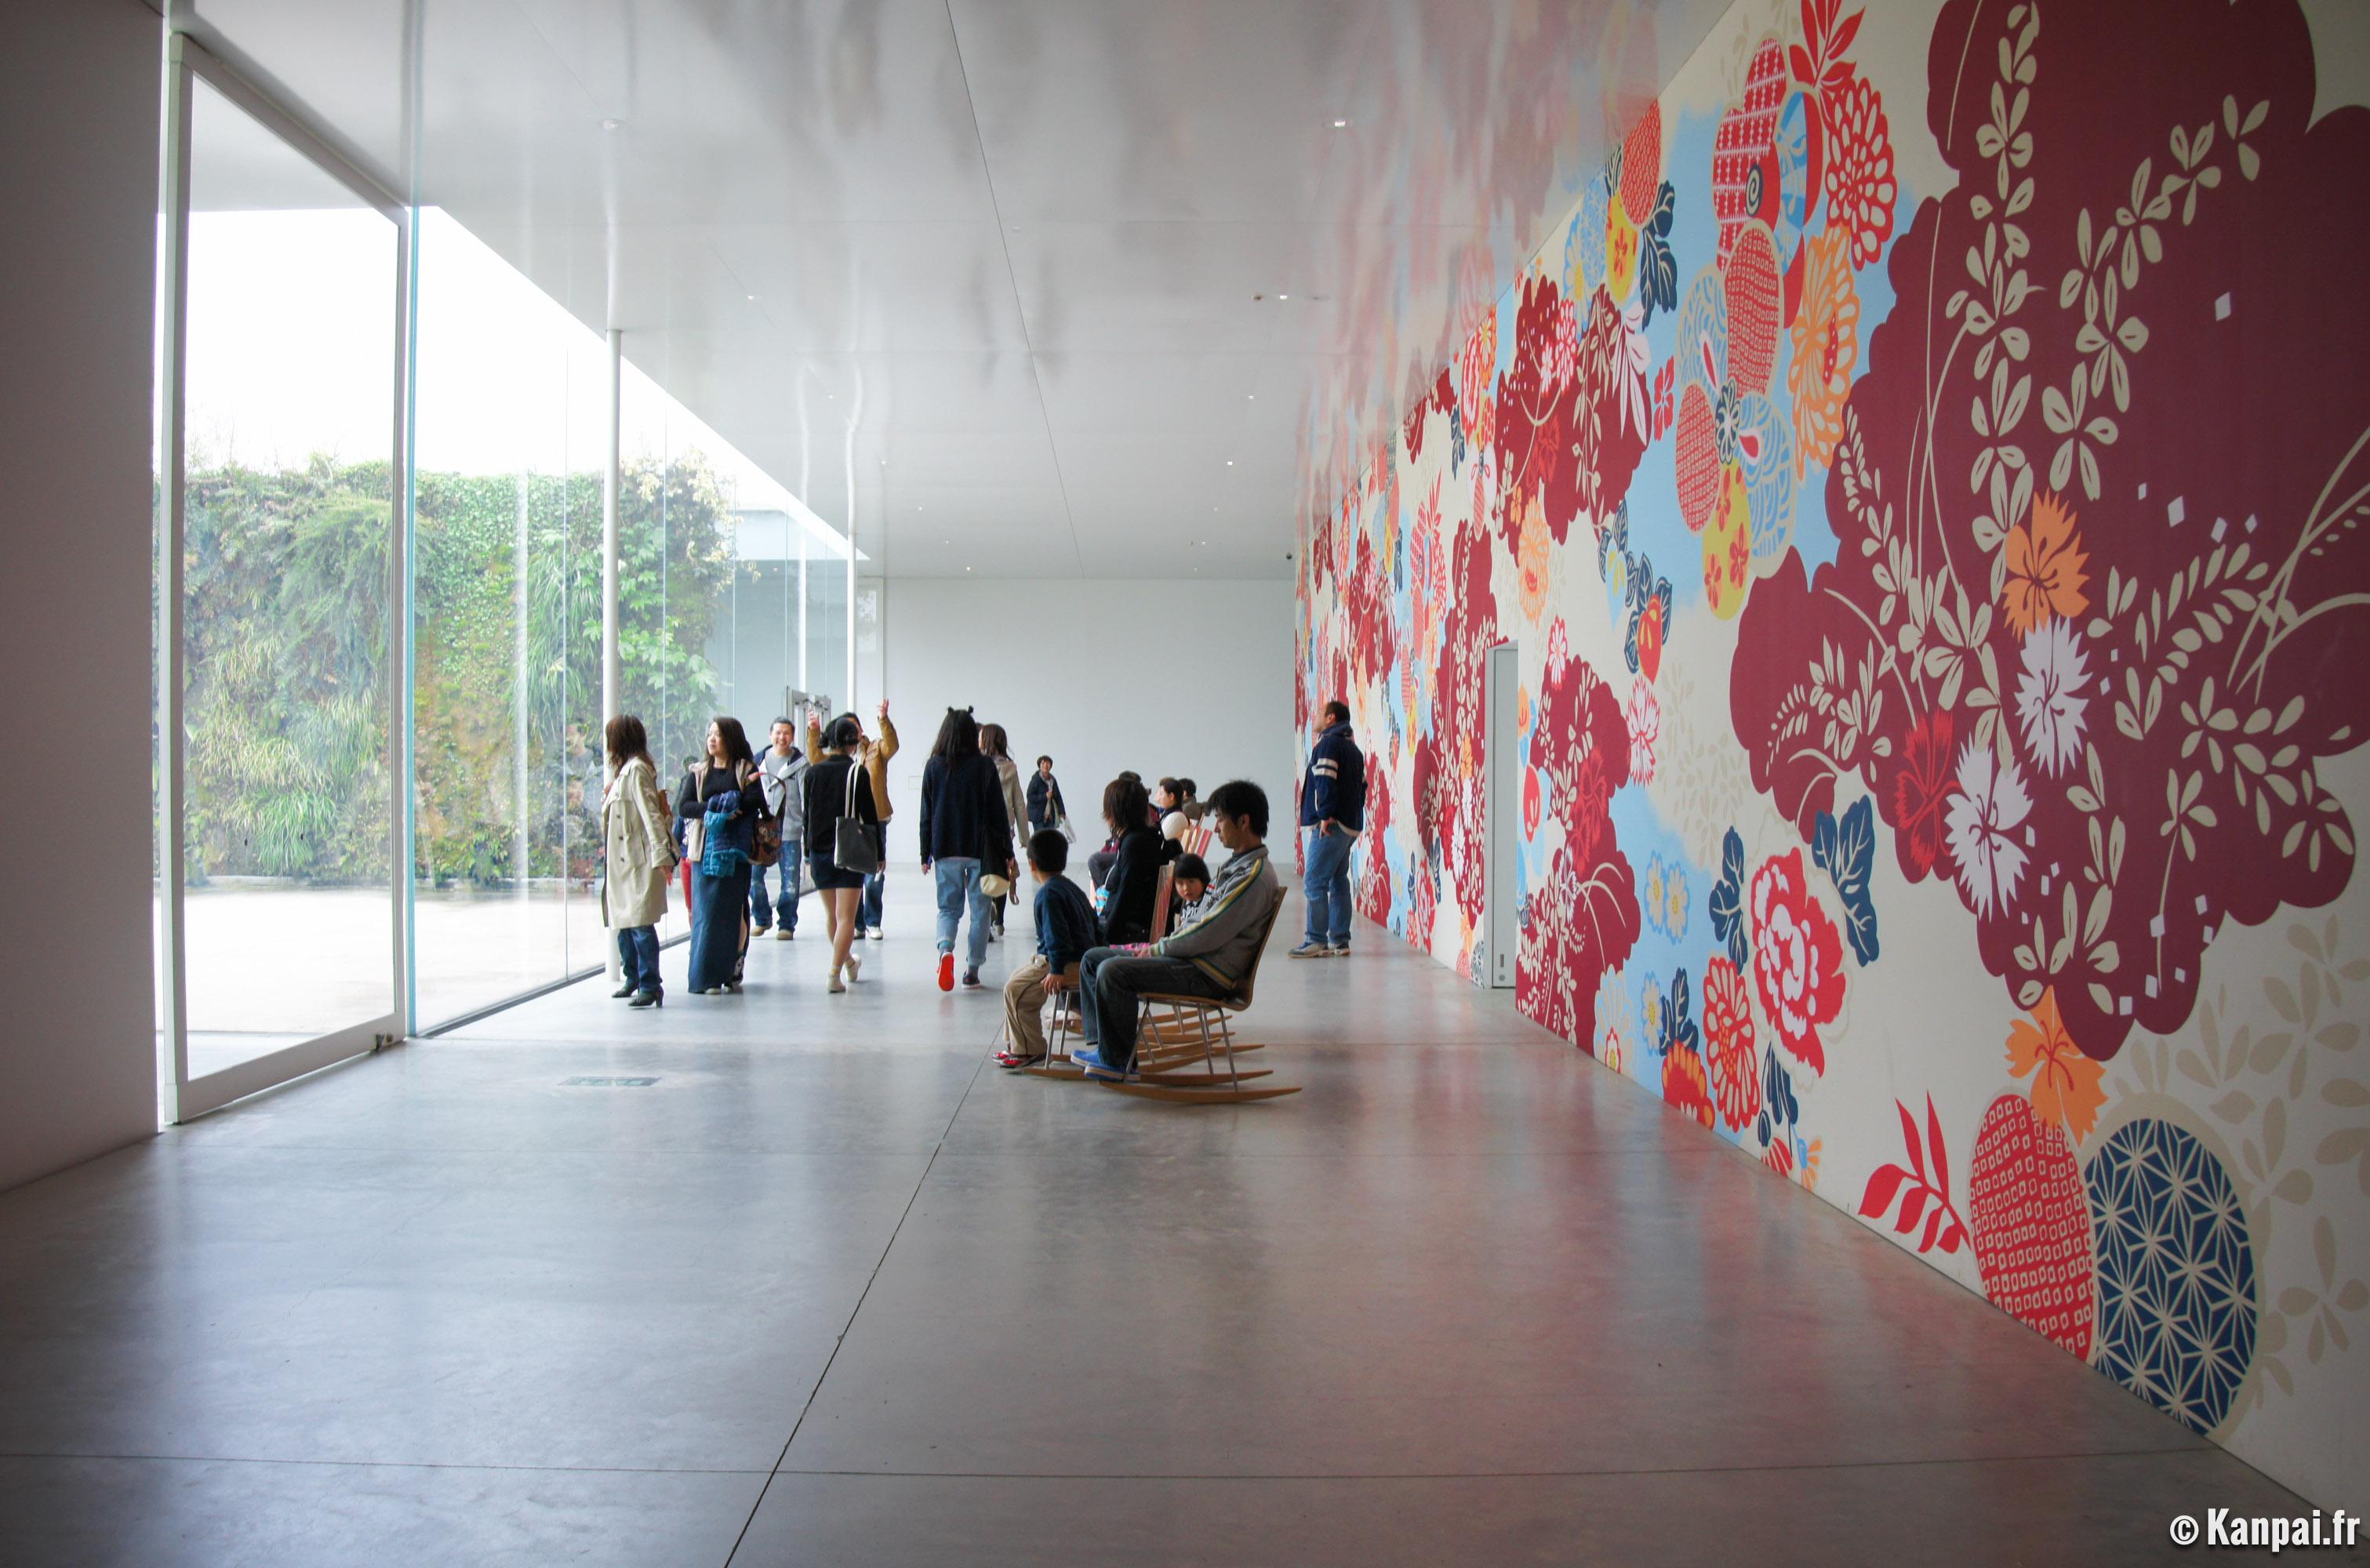 Bien connu Musée d'art contemporain du 21e siècle - Les expositions de Kanazawa EZ47